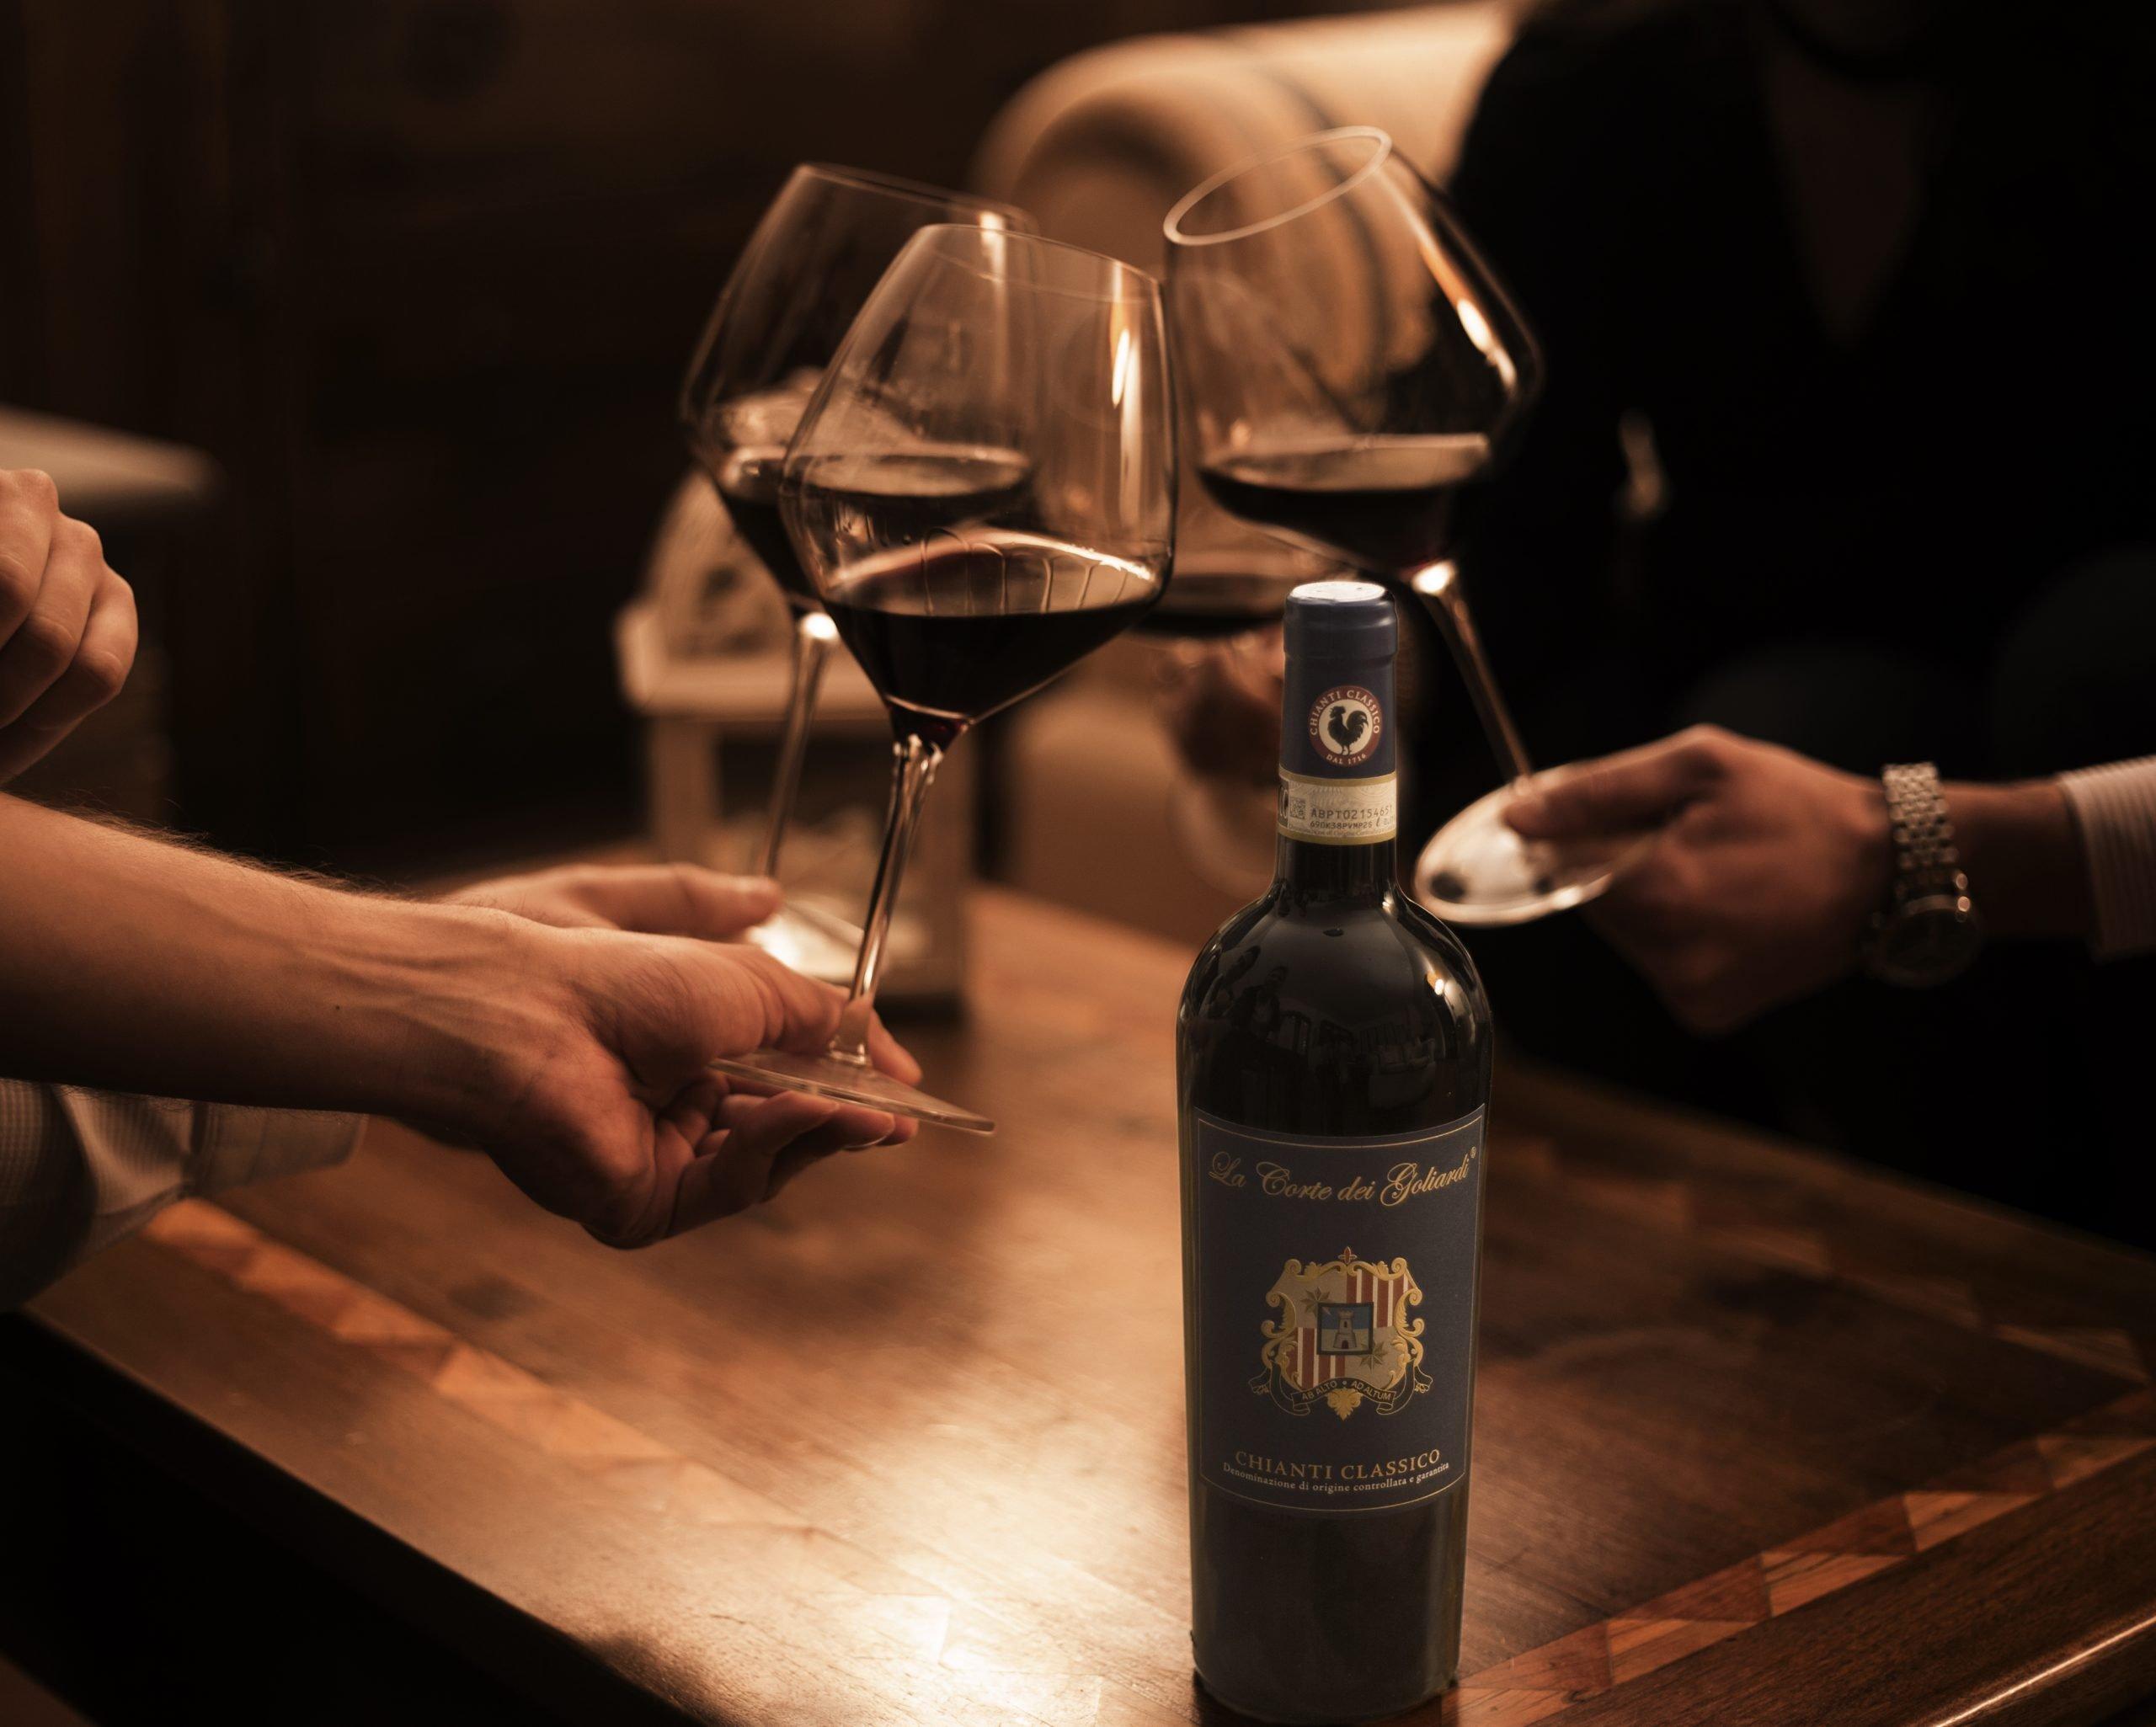 La Corte dei Goliardi marchio vinicolo